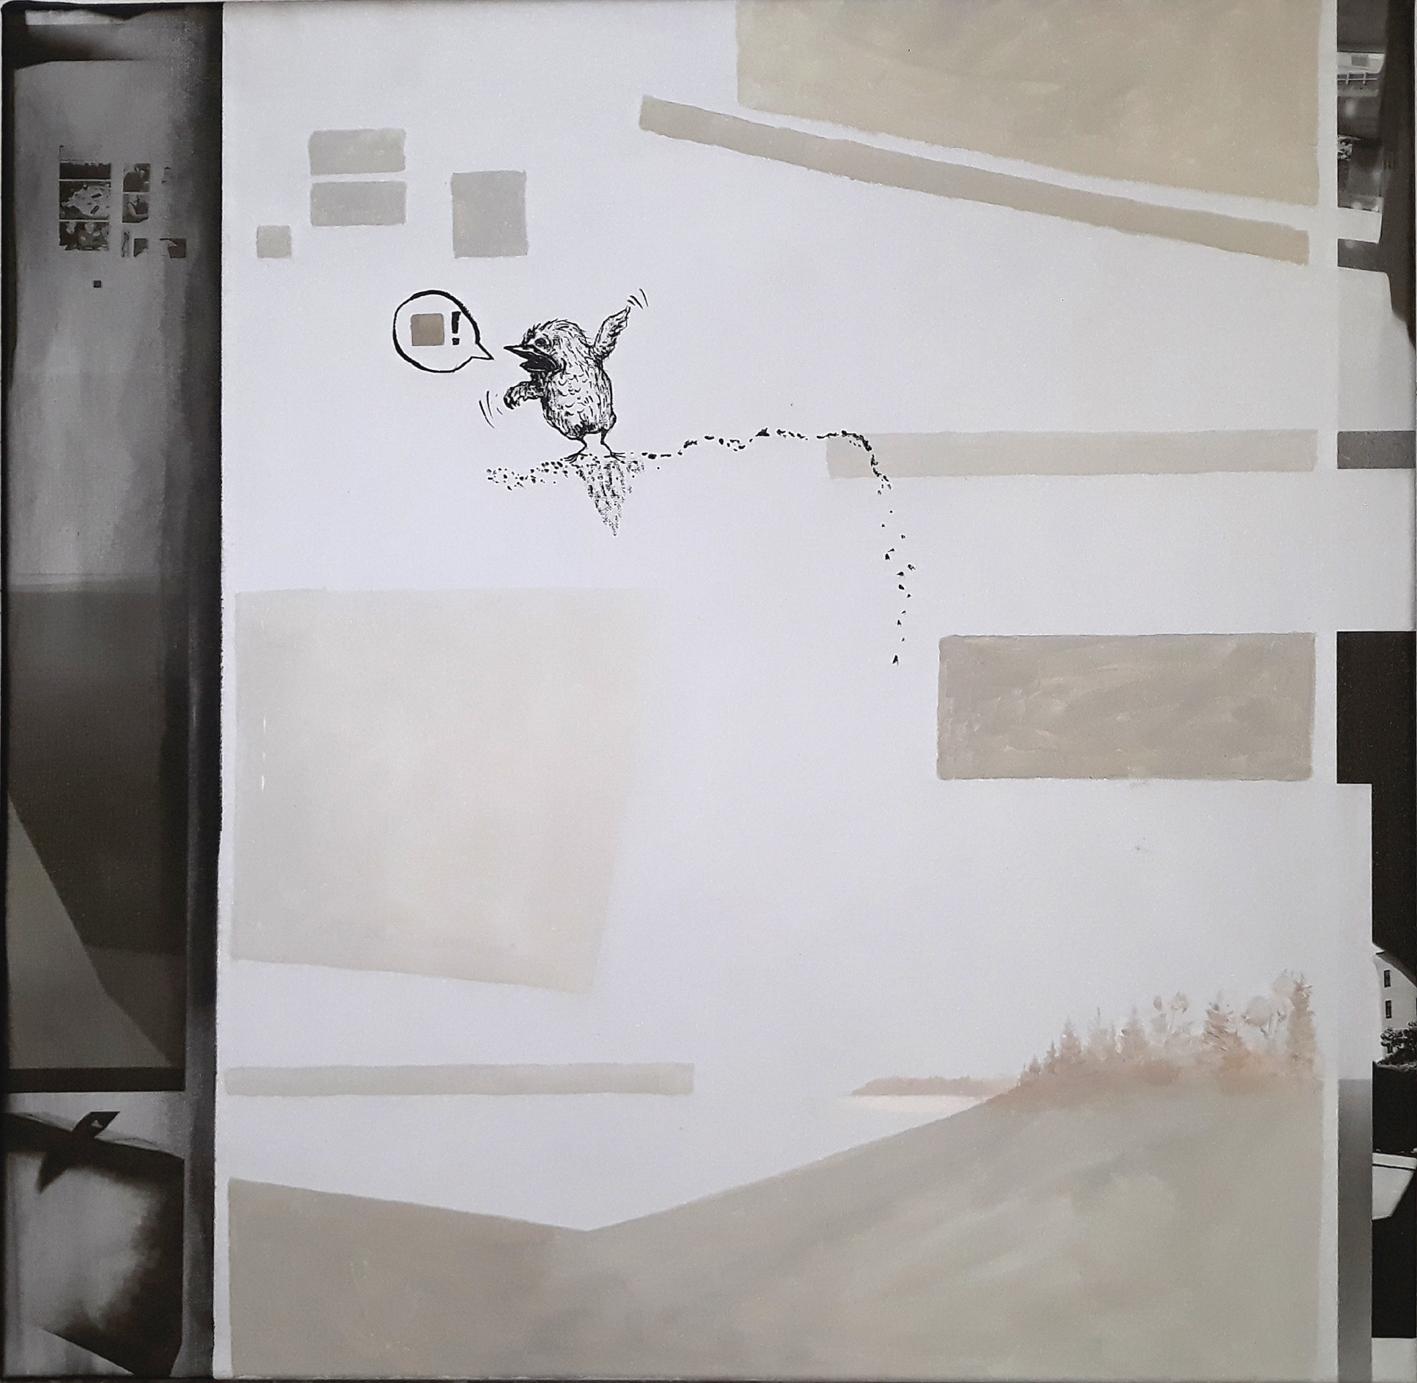 als vierte: Natalia Weiss mit Tusche